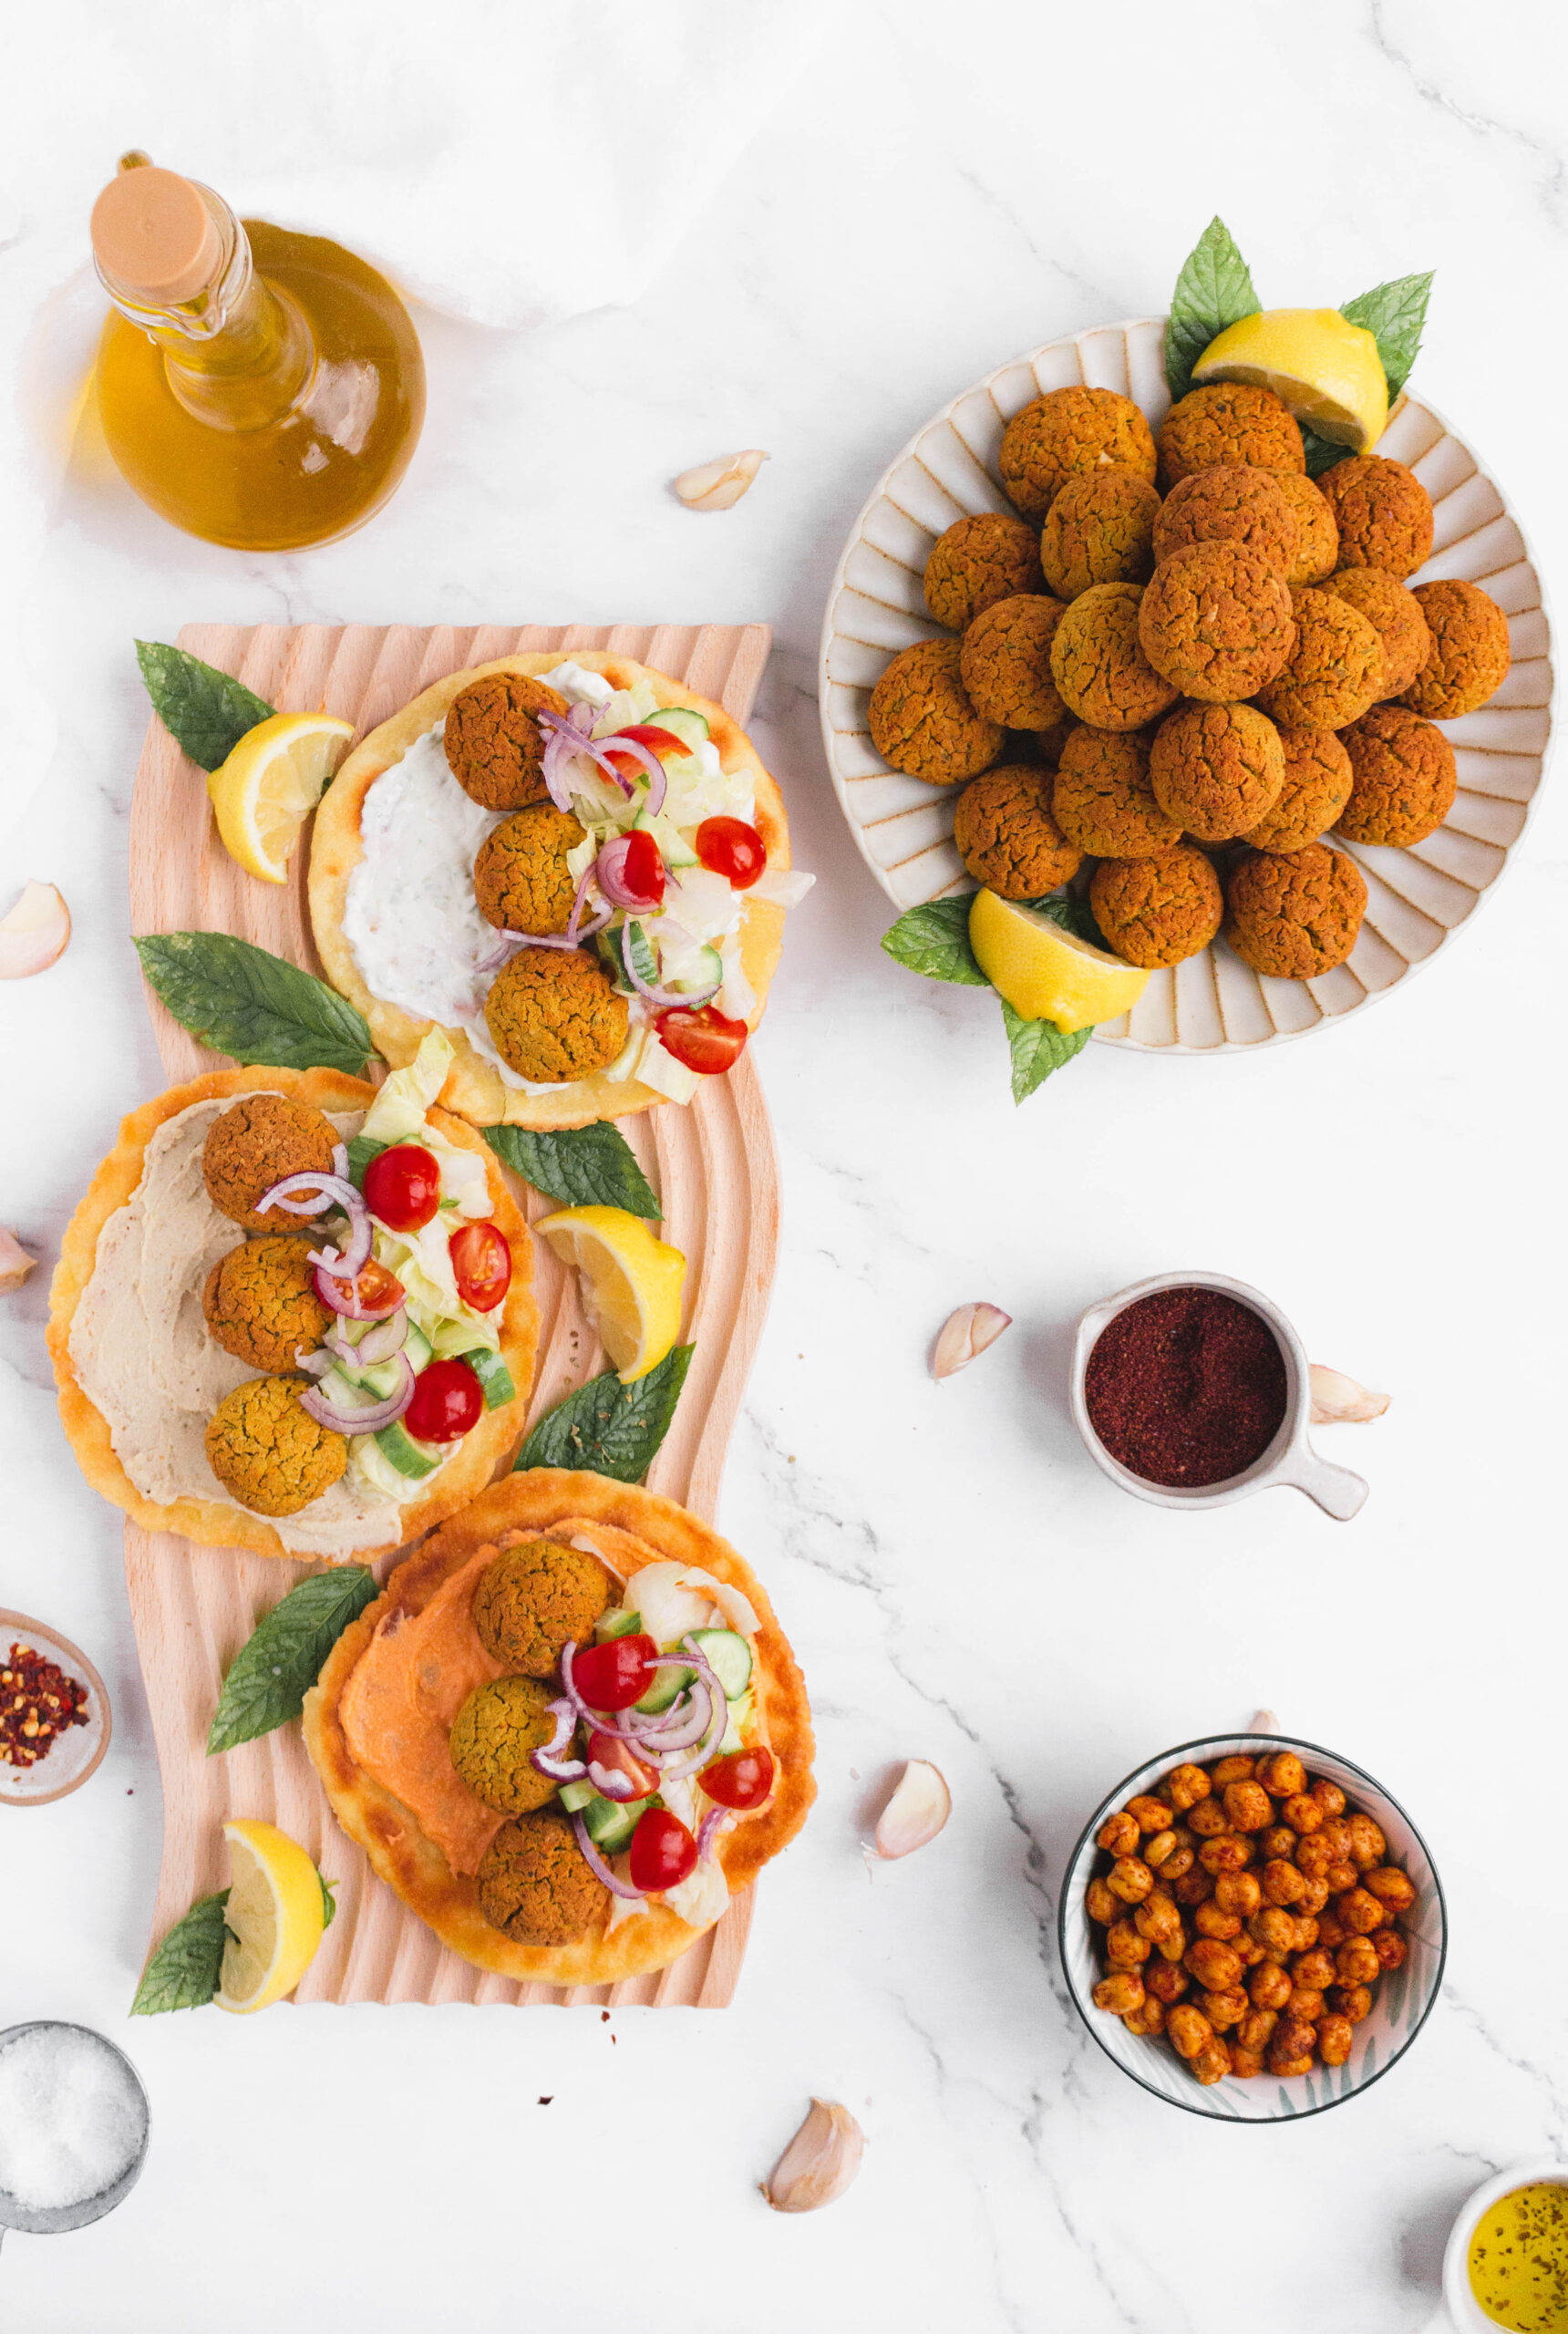 falafel plate & serving